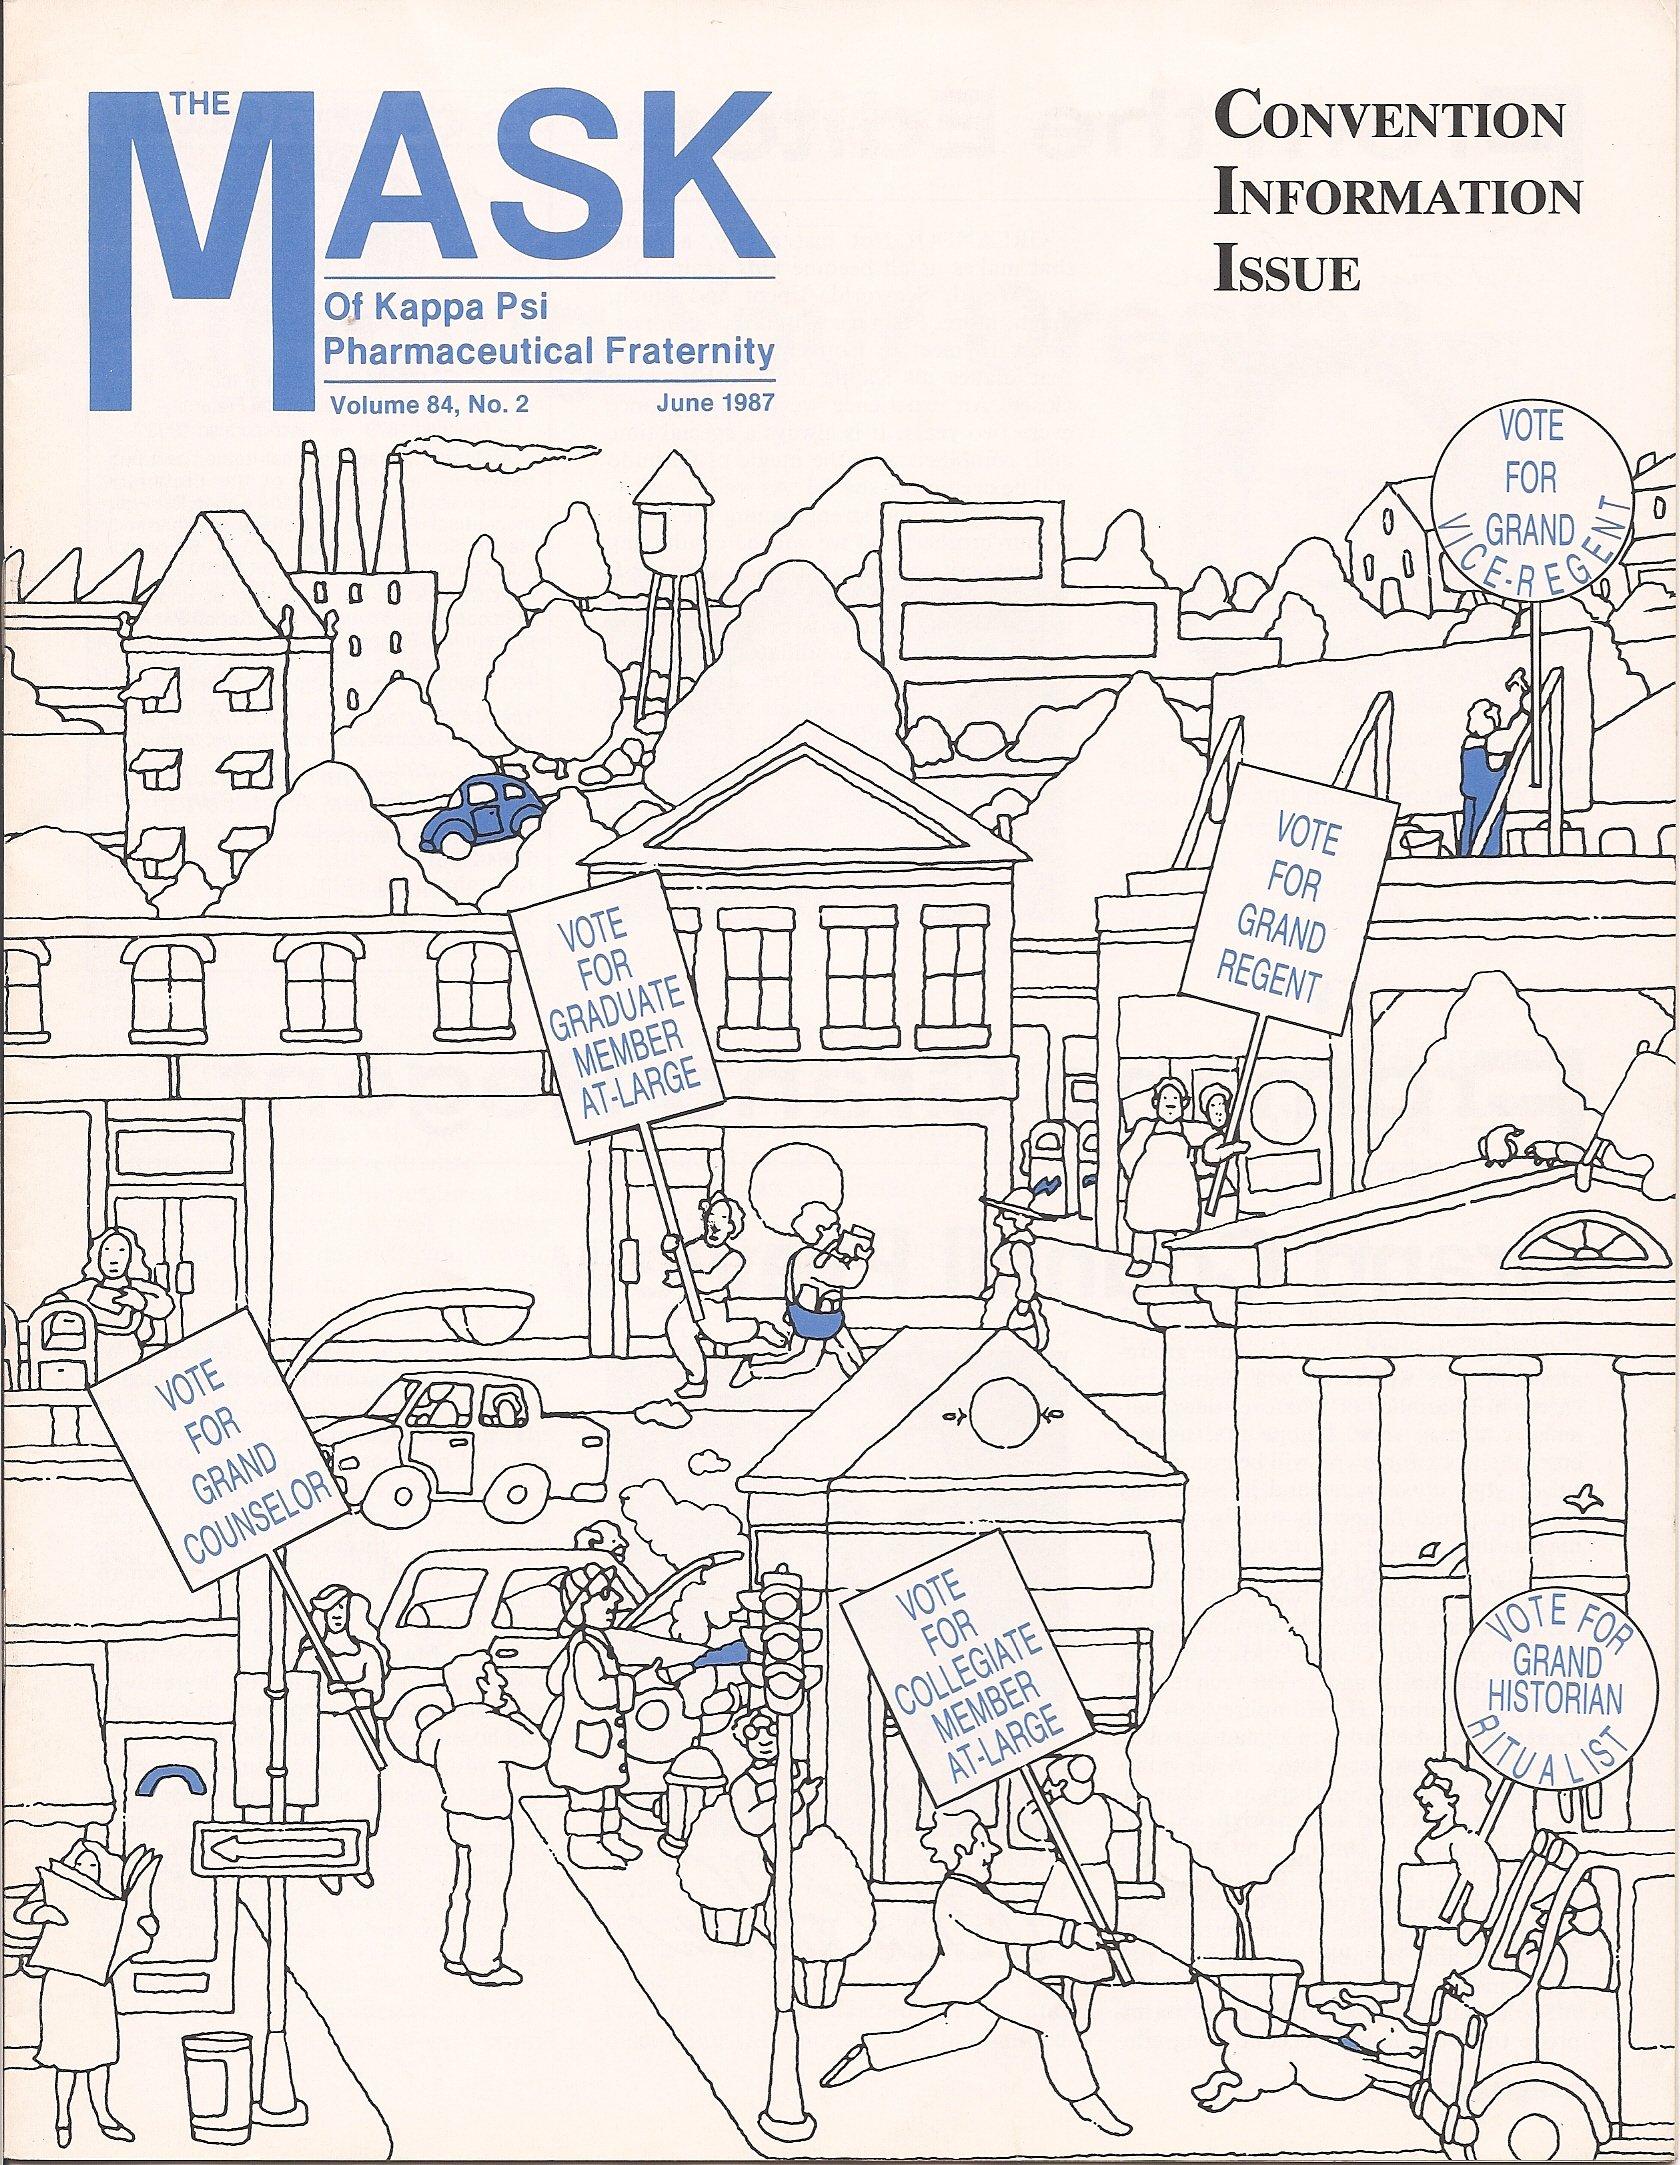 mask_cover_06_1987.jpg